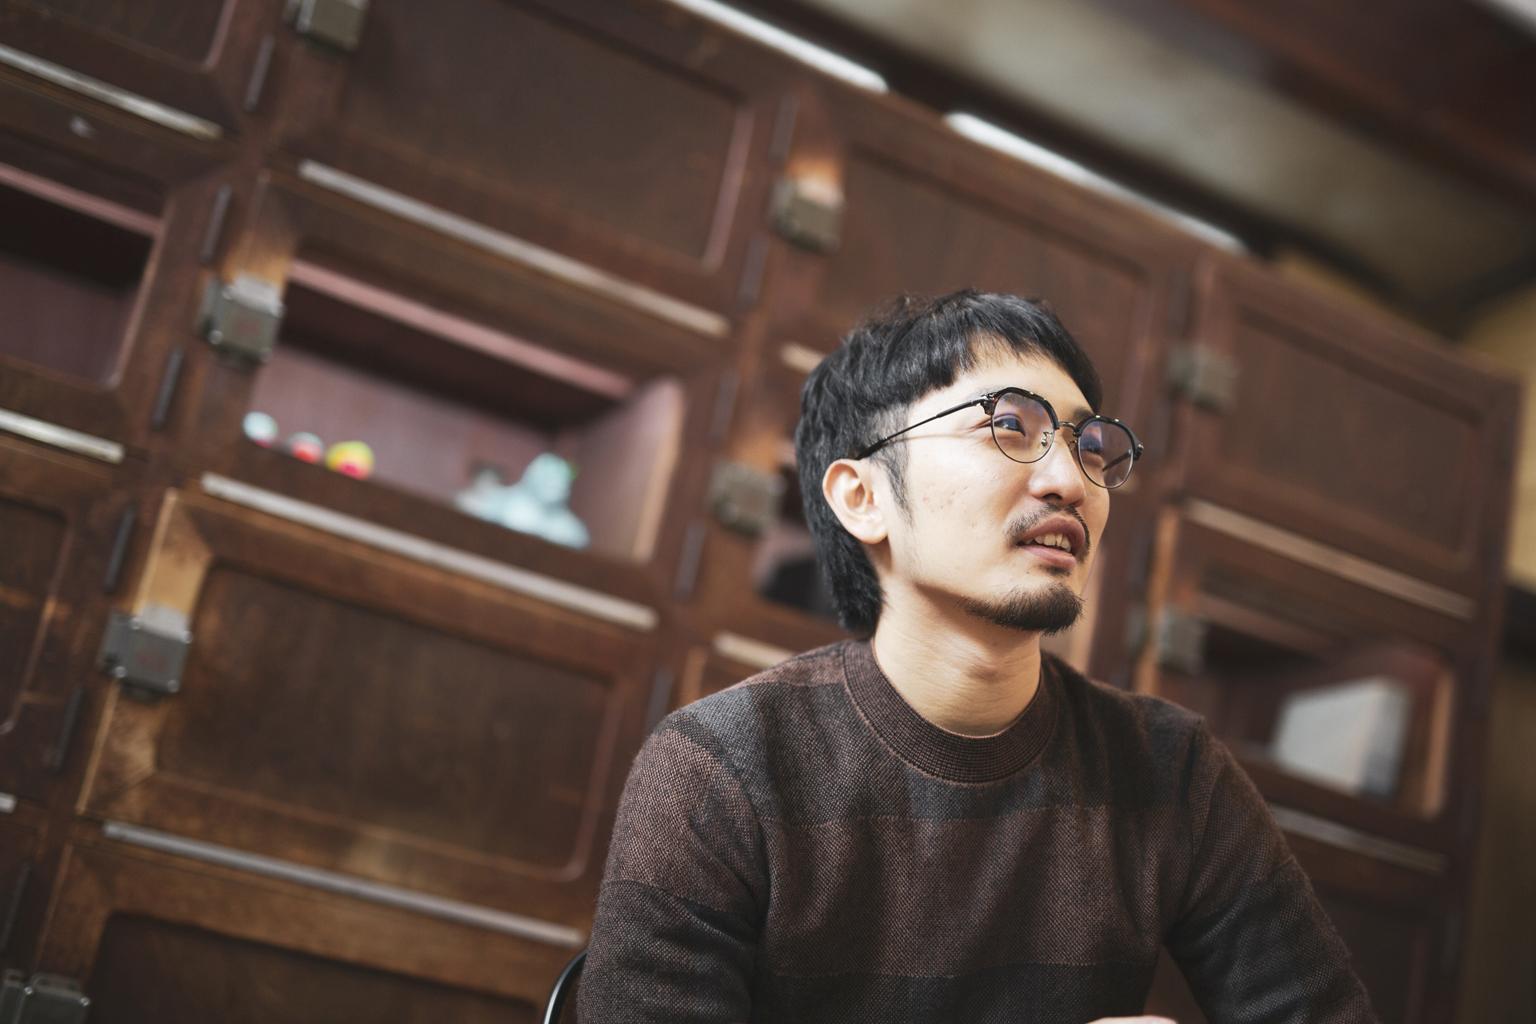 インタビュー中の黒坂祐さん(シェル美術賞2019グランプリ)/背後には作家にスペースをレンタルしている展示棚。もともと銭湯のロッカーだったものを改装した